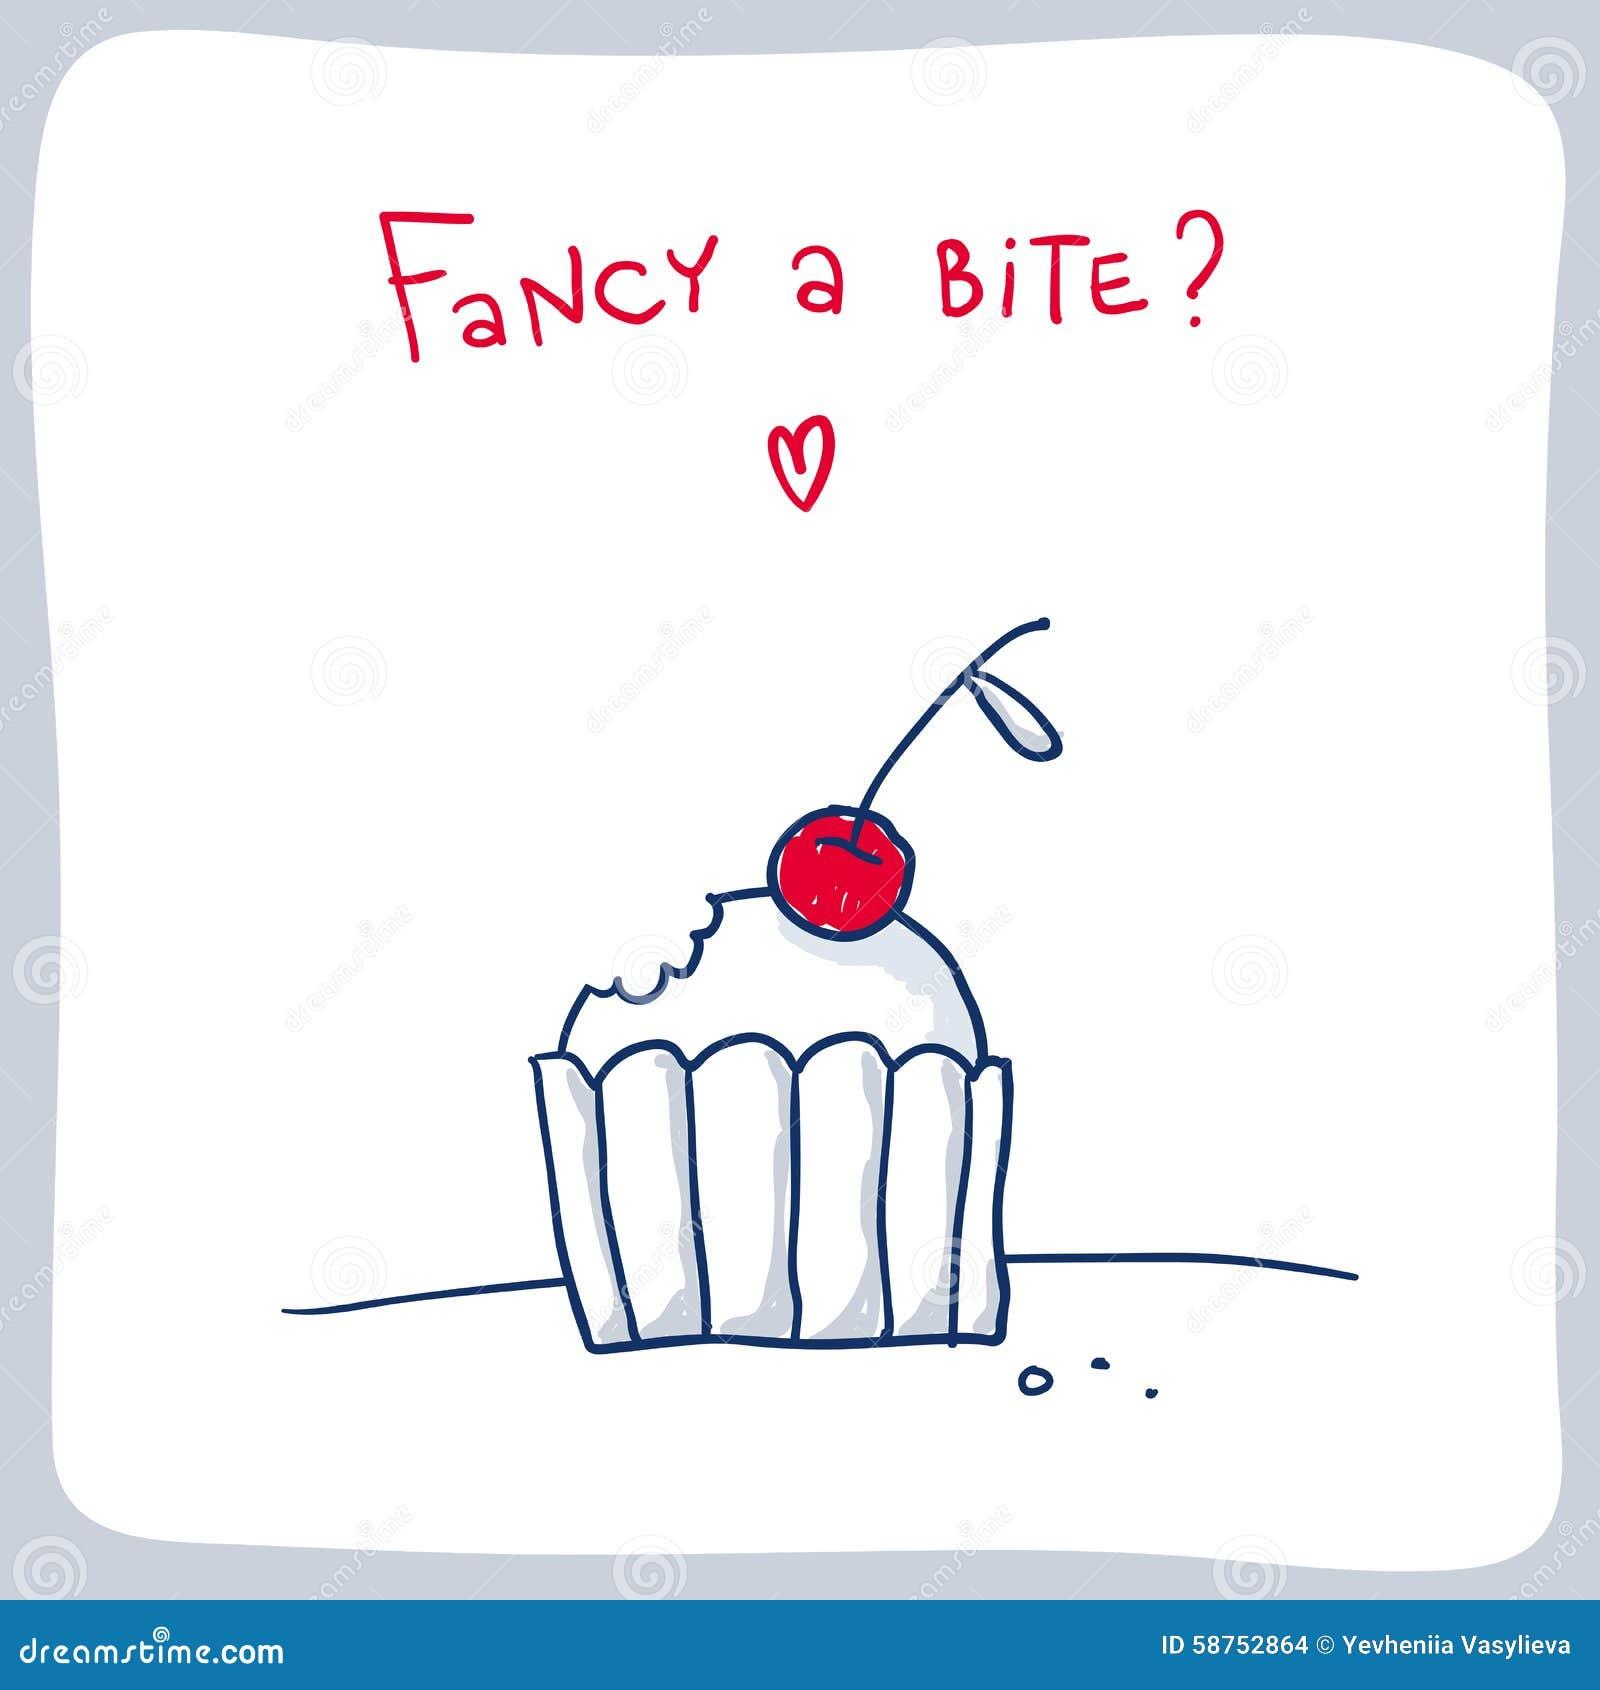 Cute Sketch Of The Bitten Cupcake Valentine Card Design – Cupcake Valentine Card